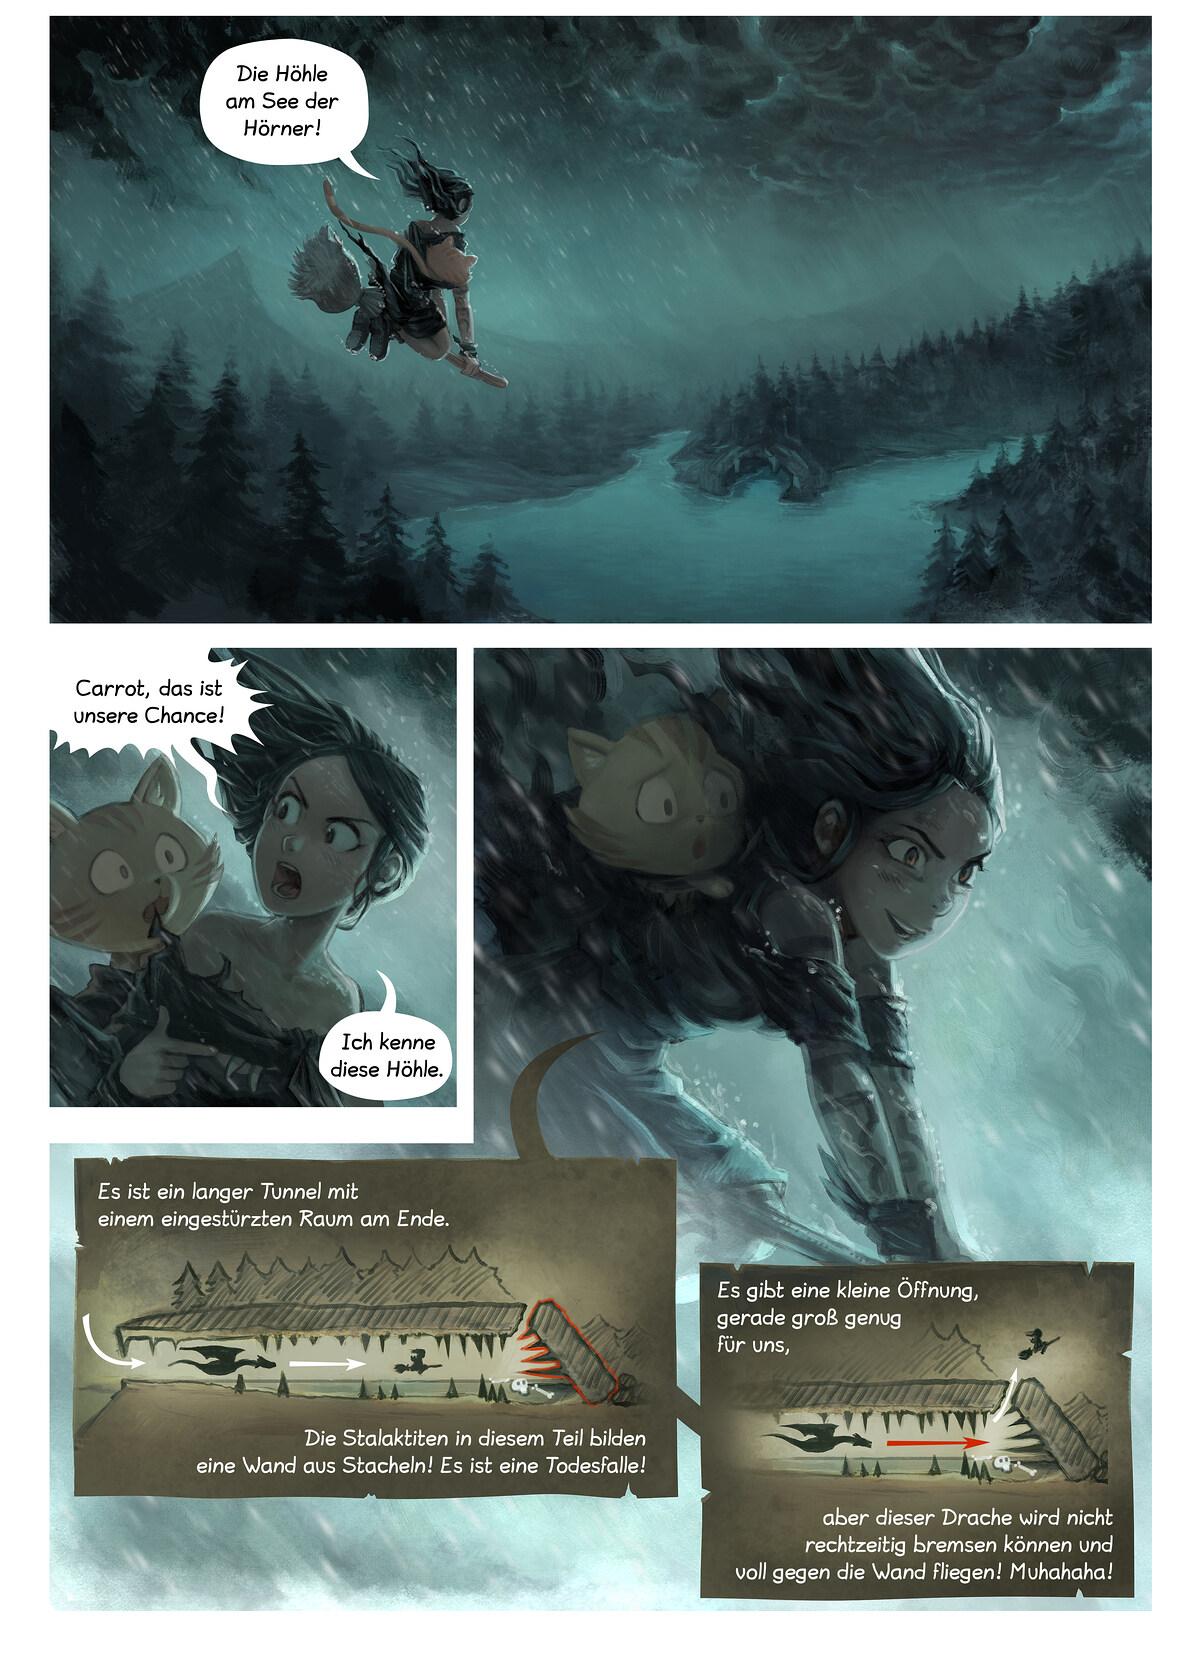 Episode 35: Das Spiegelbild, Page 6